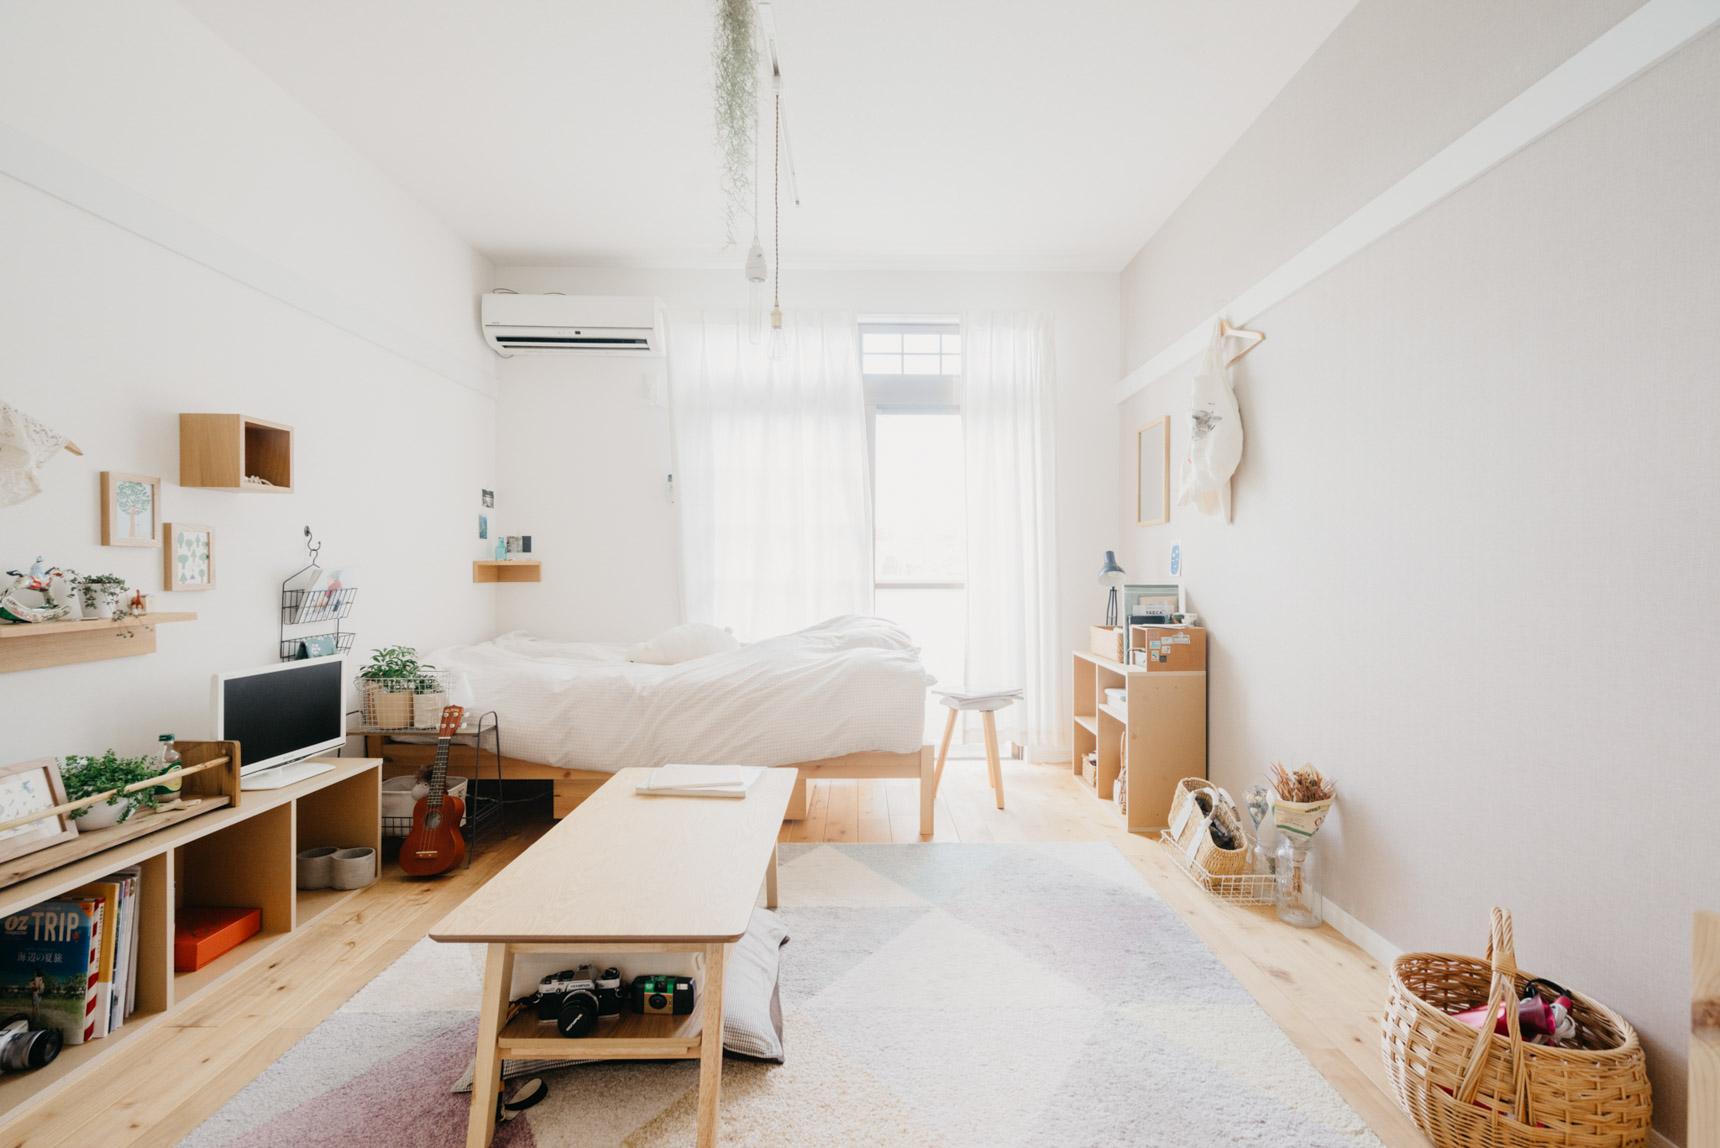 明るい1Kのお部屋。すべて色の揃った木の家具で統一されていて、ナチュラルな雰囲気がとても素敵です。